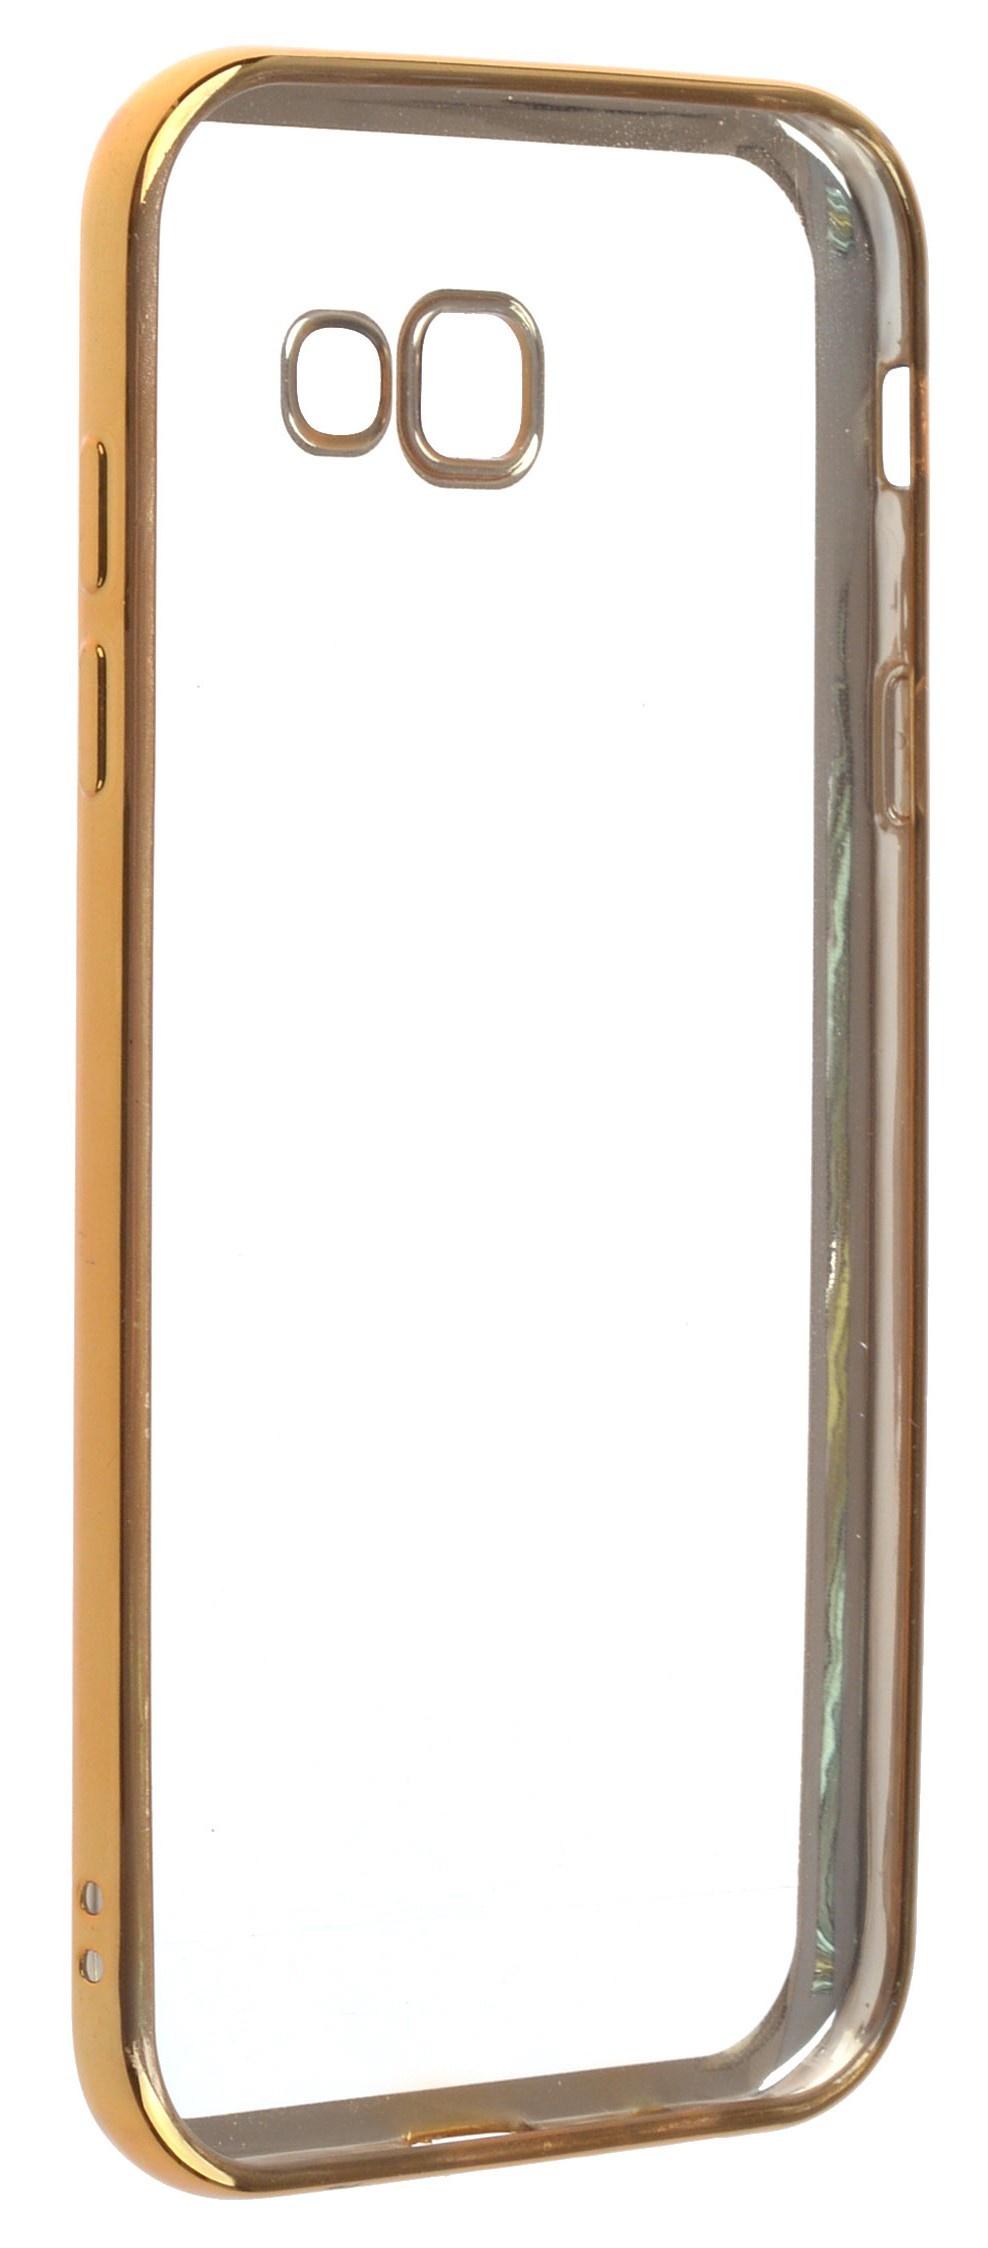 Чехол для сотового телефона skinBOX Silicone chrome border, 4660041408249, золотой красочные цветы шаблон мягкий тонкий тпу резиновая крышка силиконовый гель чехол для iphone 5 5s 5se